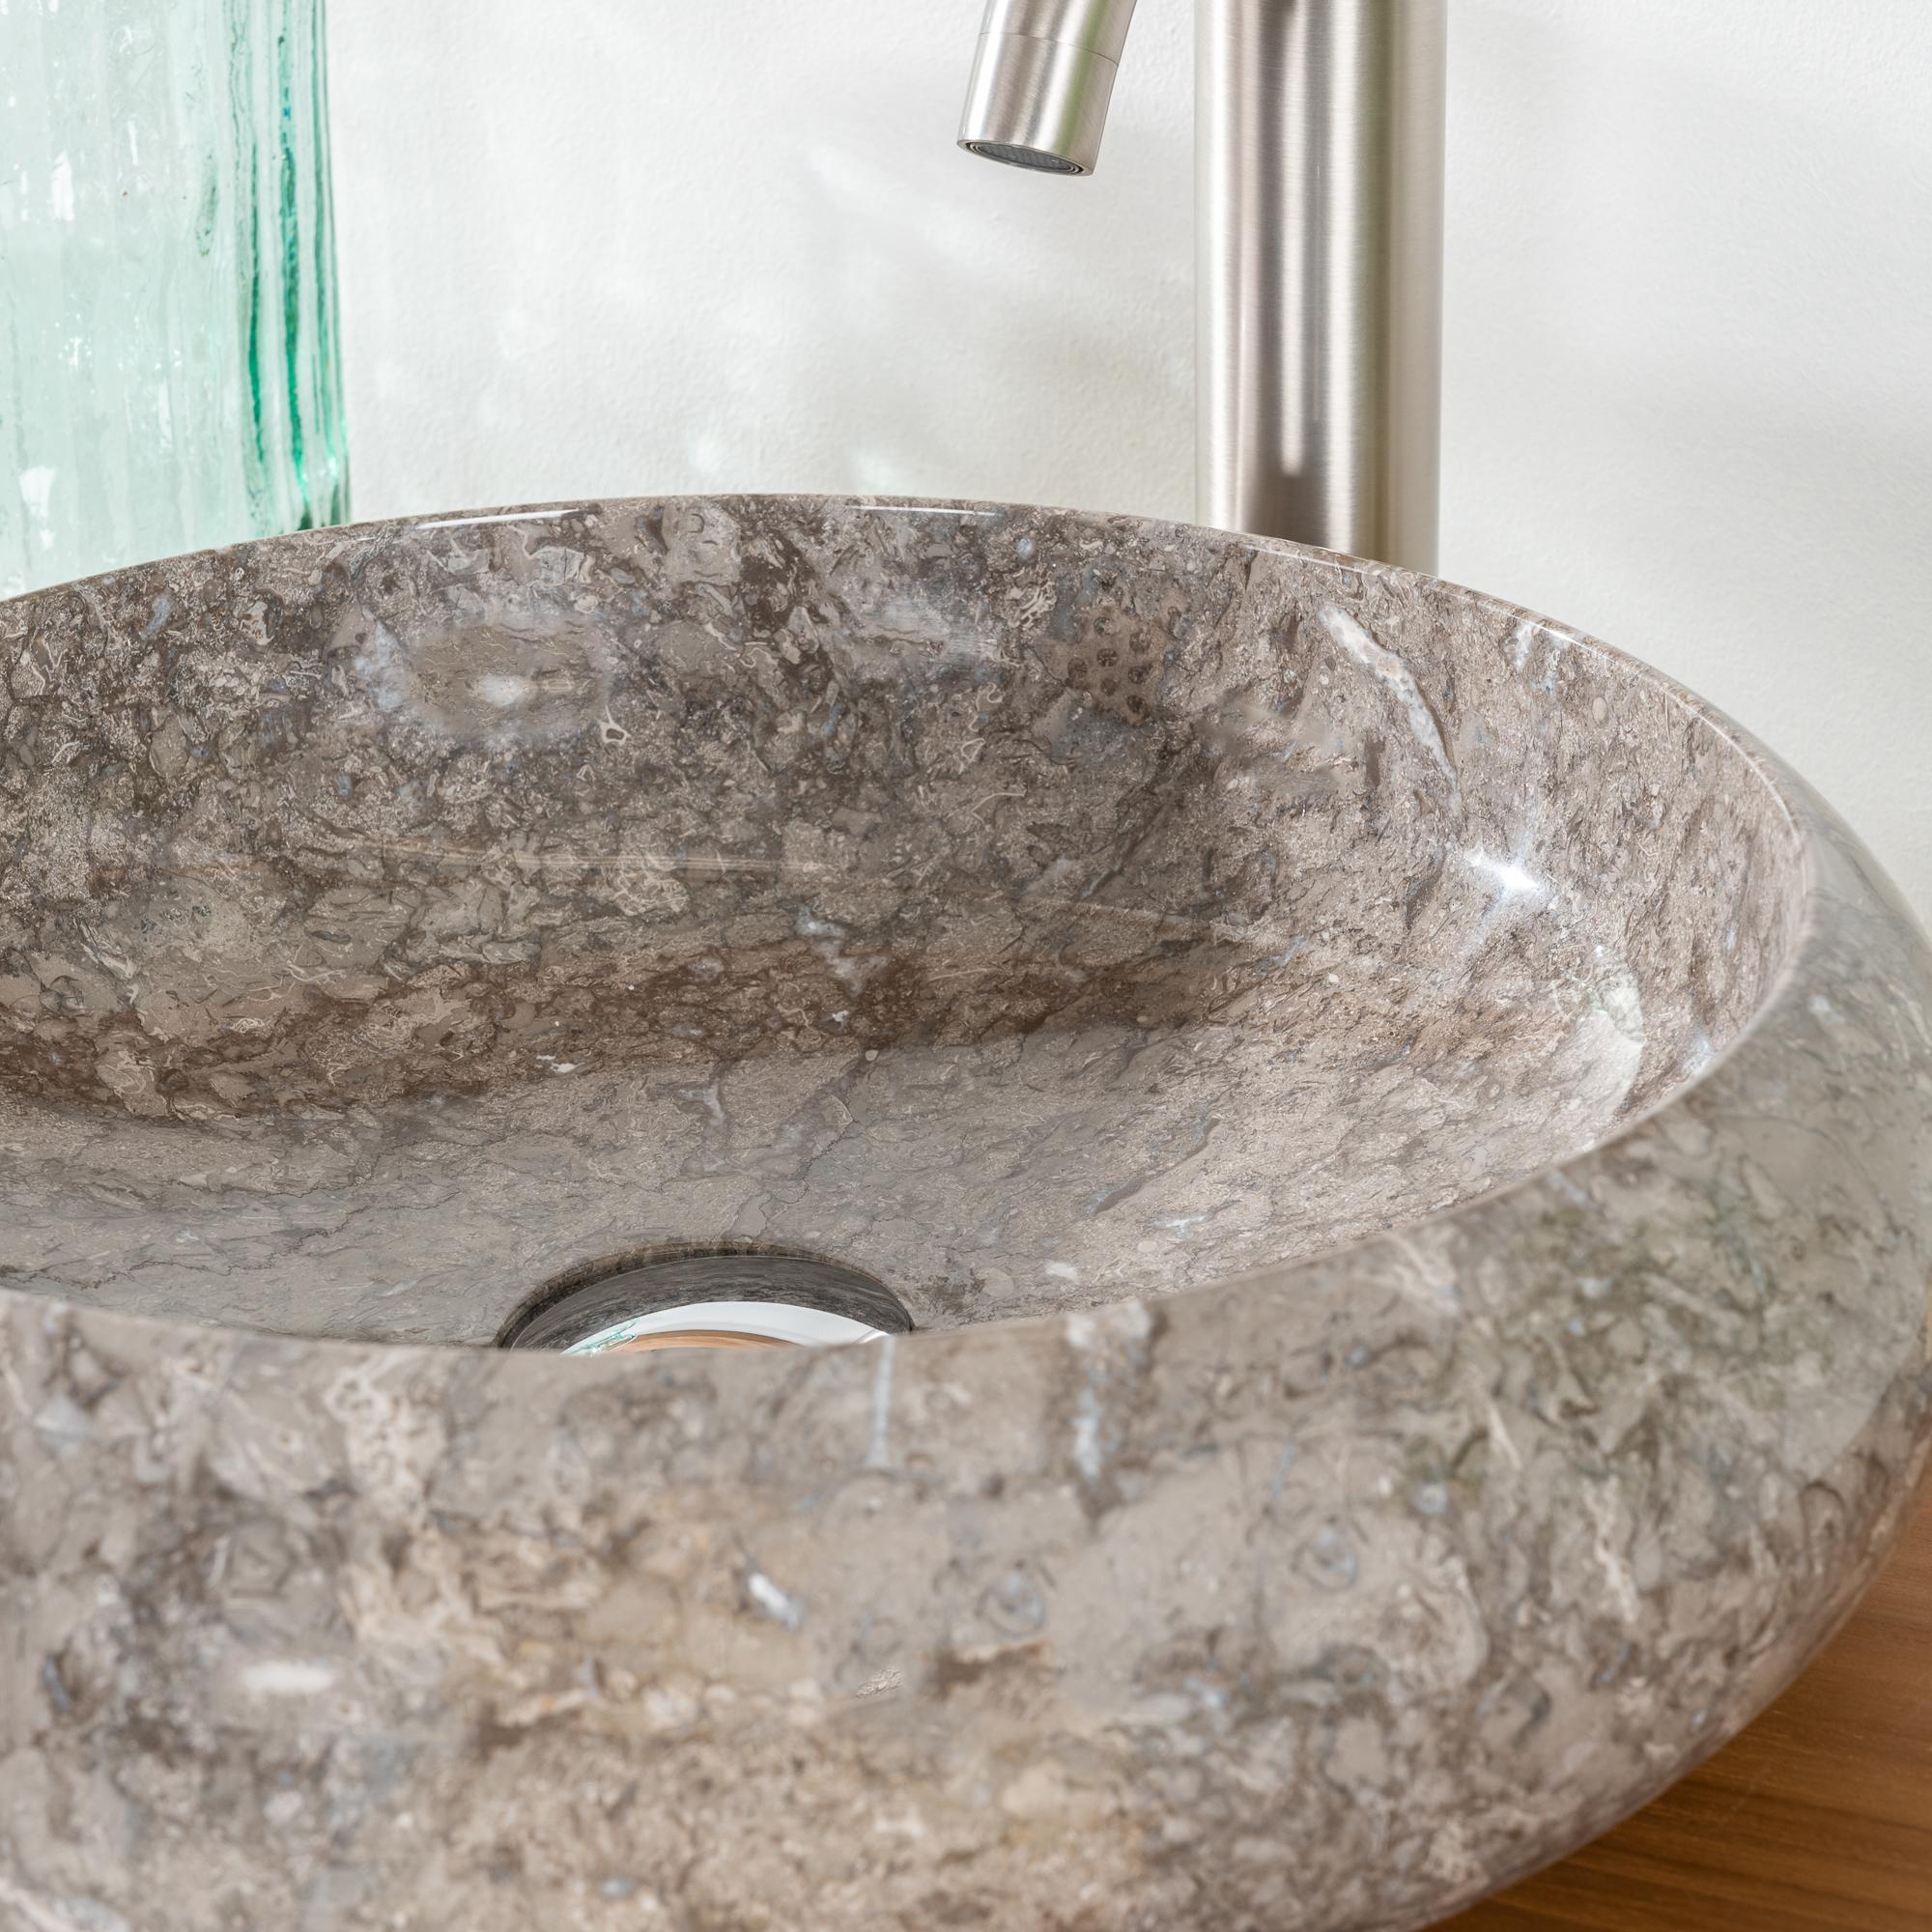 Vasque salle de bain poser venise gris taupe 40cm for Vasque a poser salle de bain